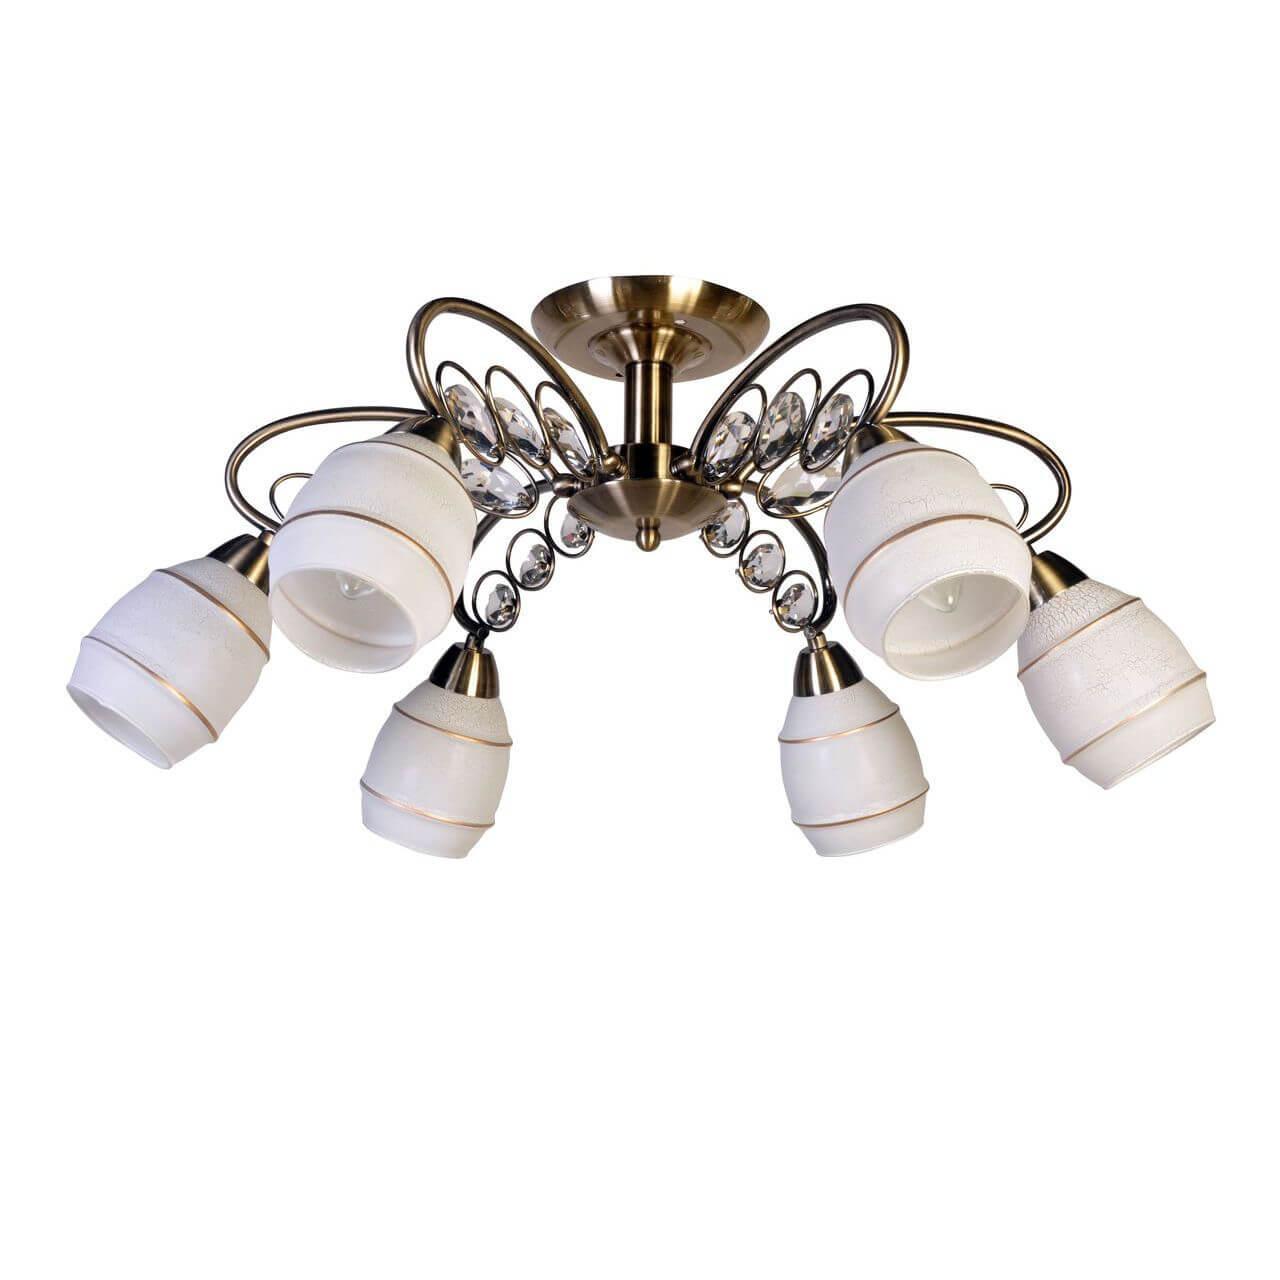 Потолочная люстра Silver Light Spark 206.53.6